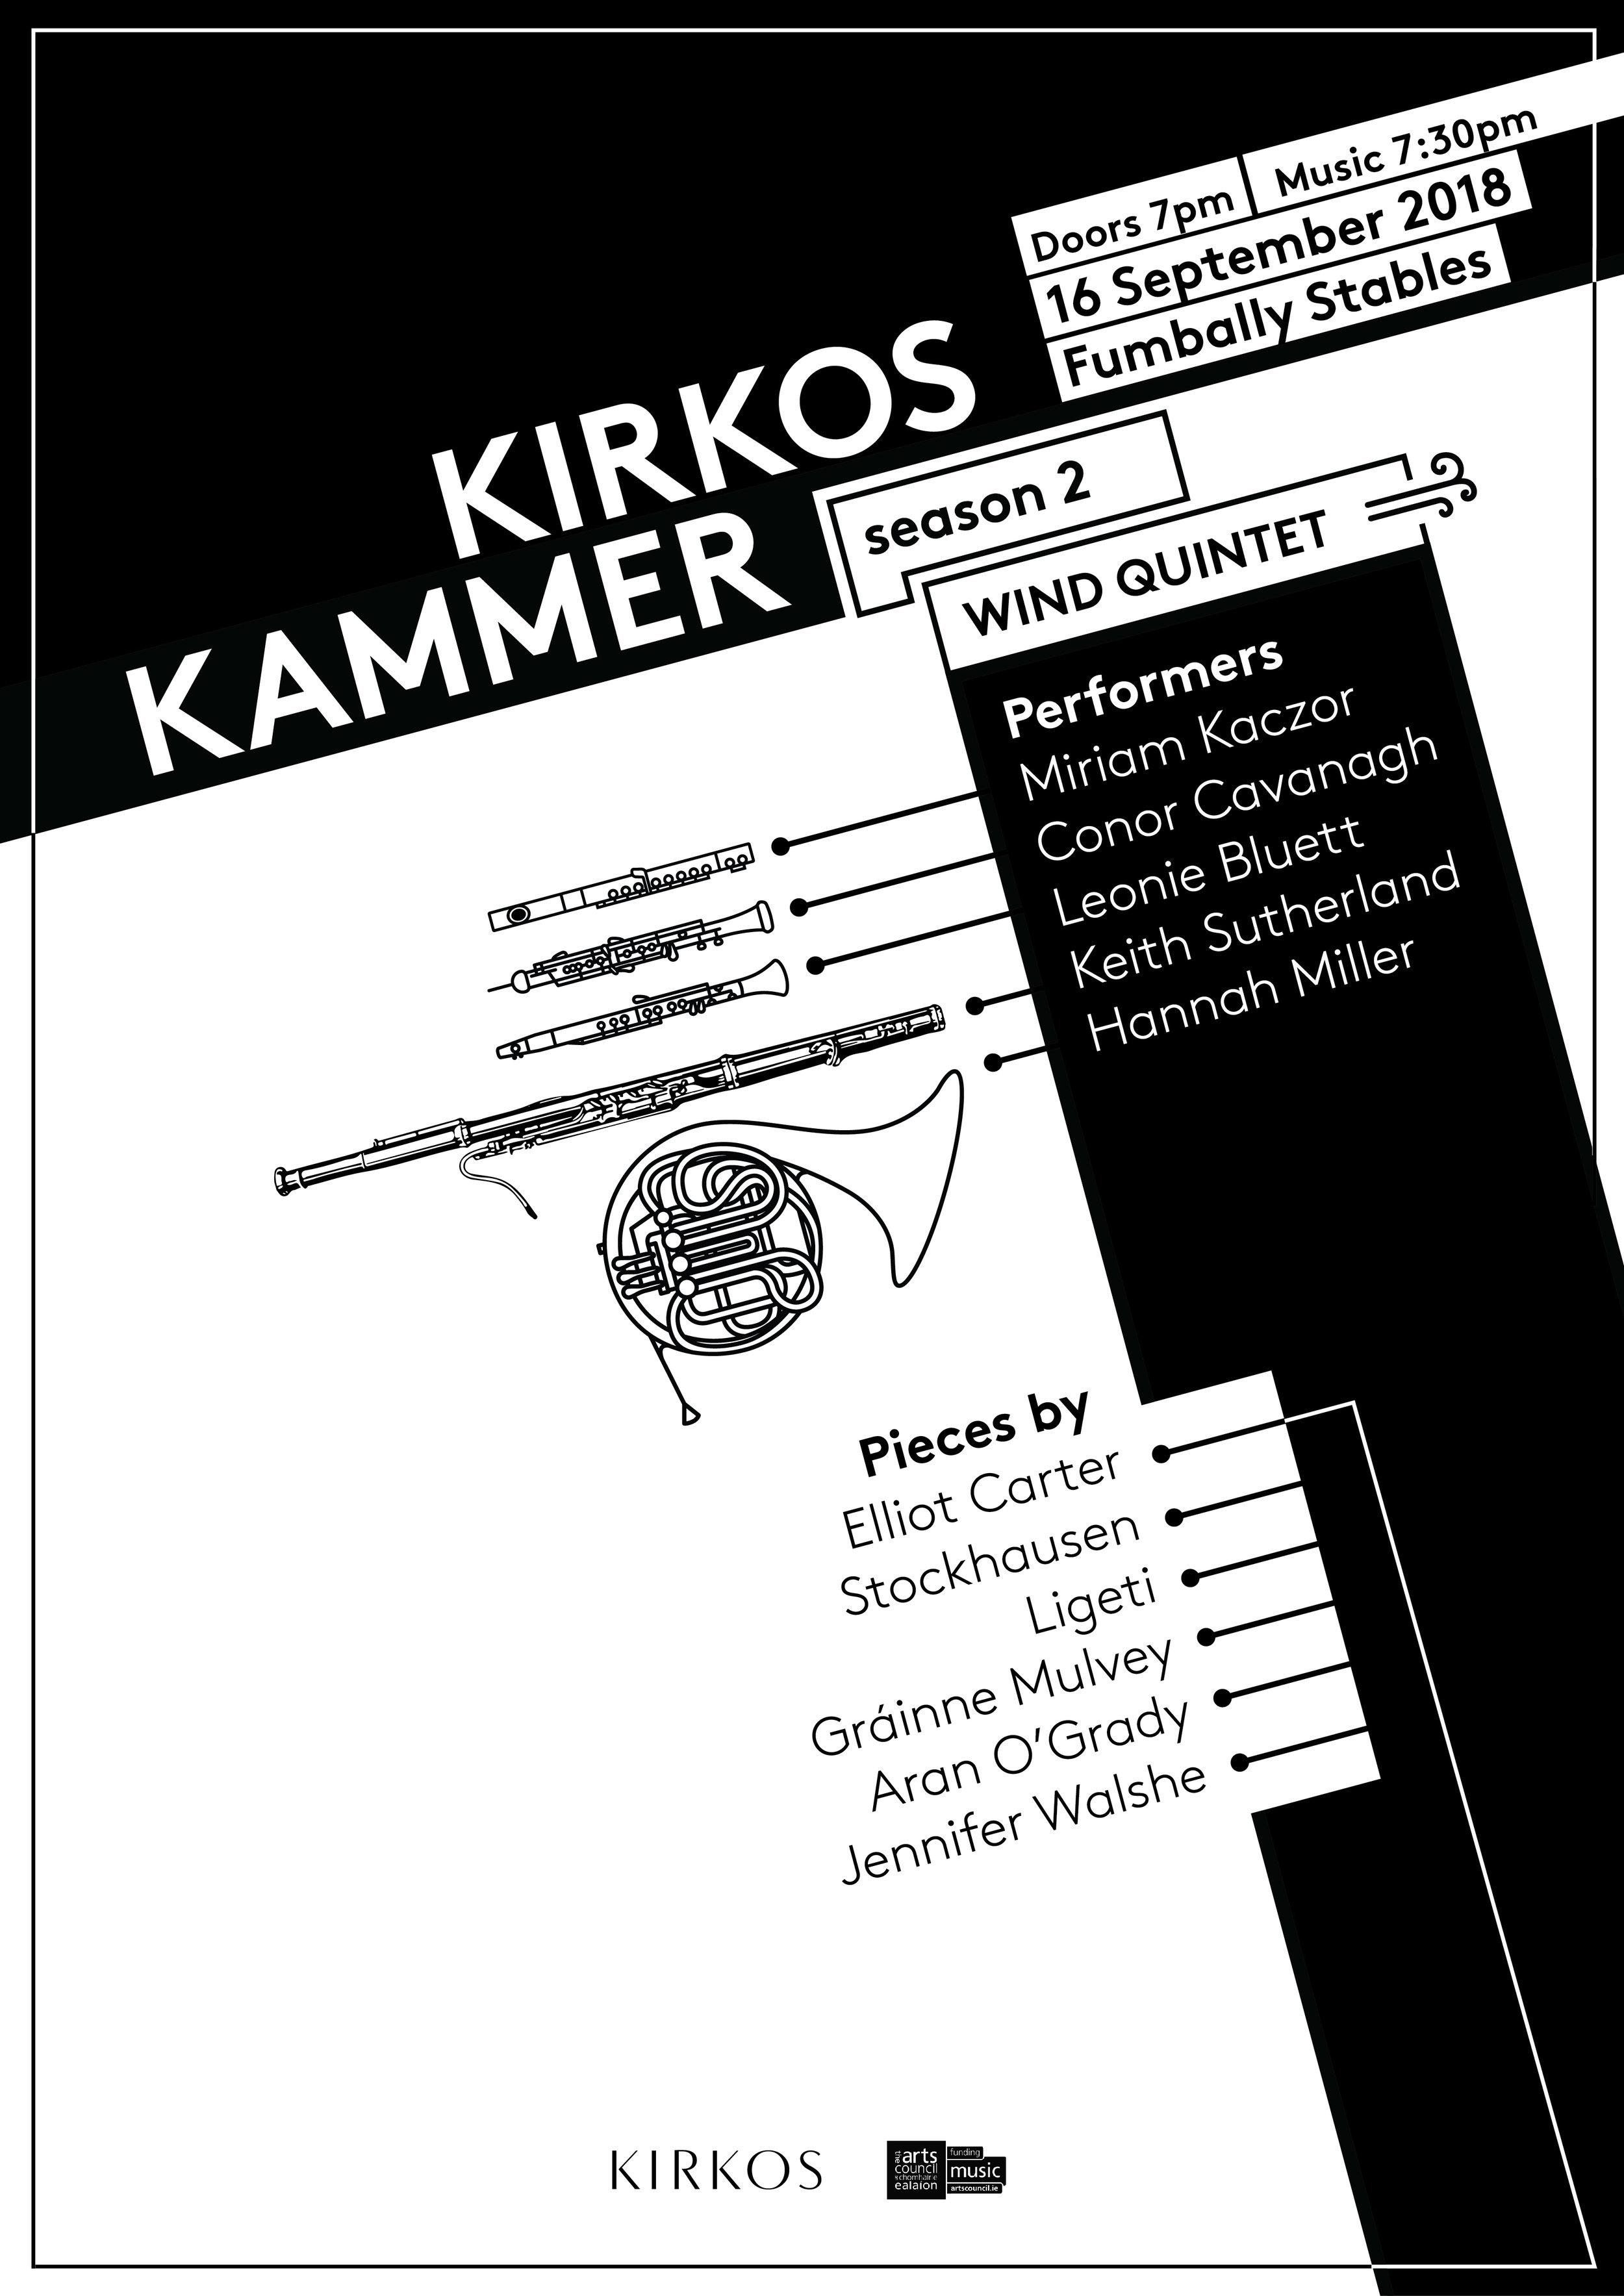 KirkosKammer_5_A3 poster-01.jpg